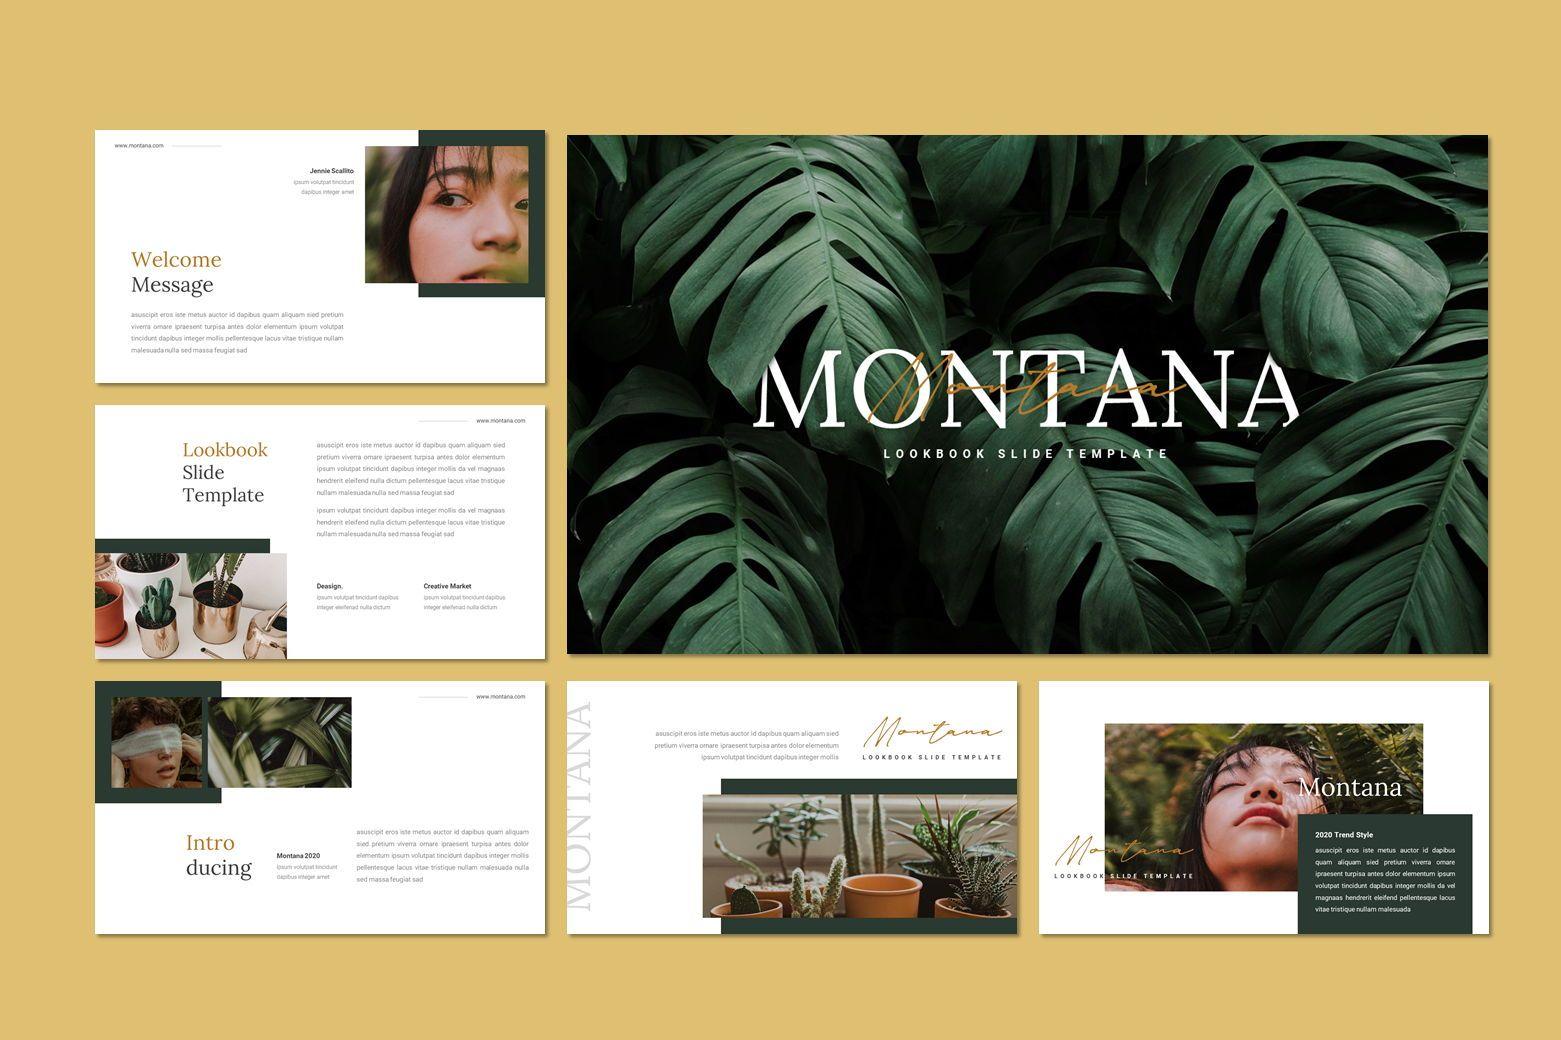 Montana - Google Slides Template, Slide 7, 07562, Presentation Templates — PoweredTemplate.com